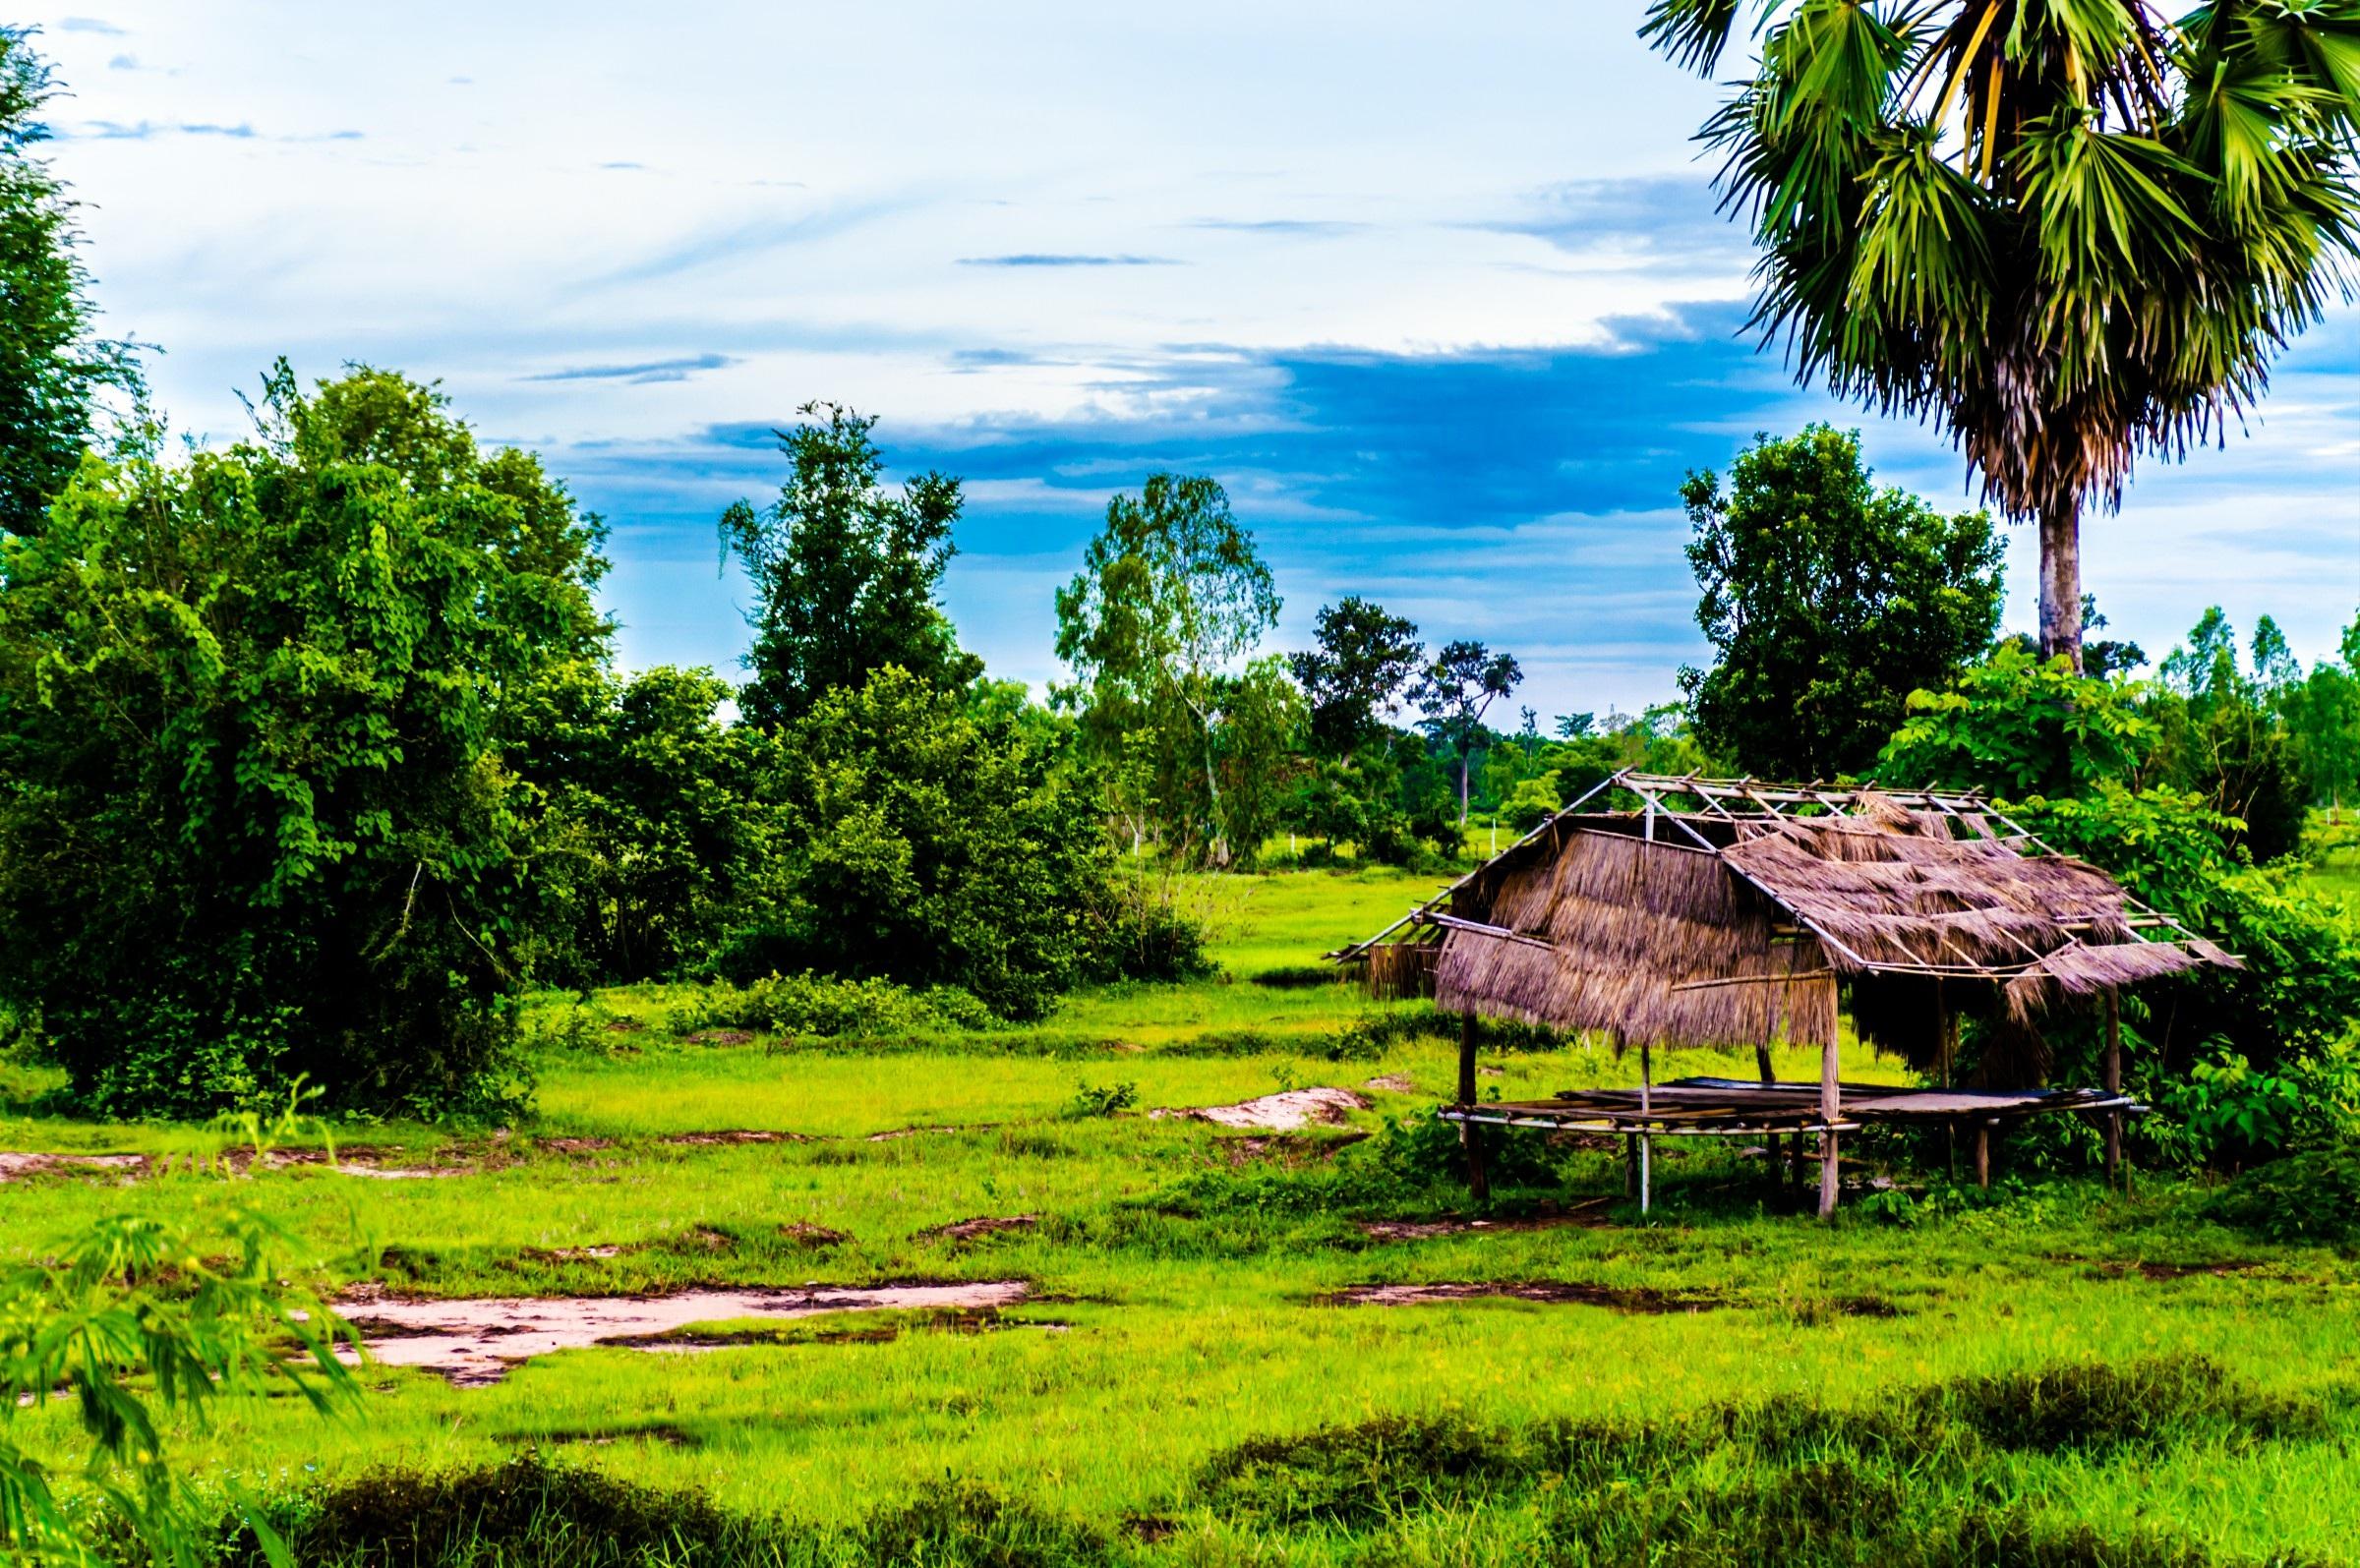 980 Koleksi Gambar Pemandangan Indah Di Desa HD Terbaik